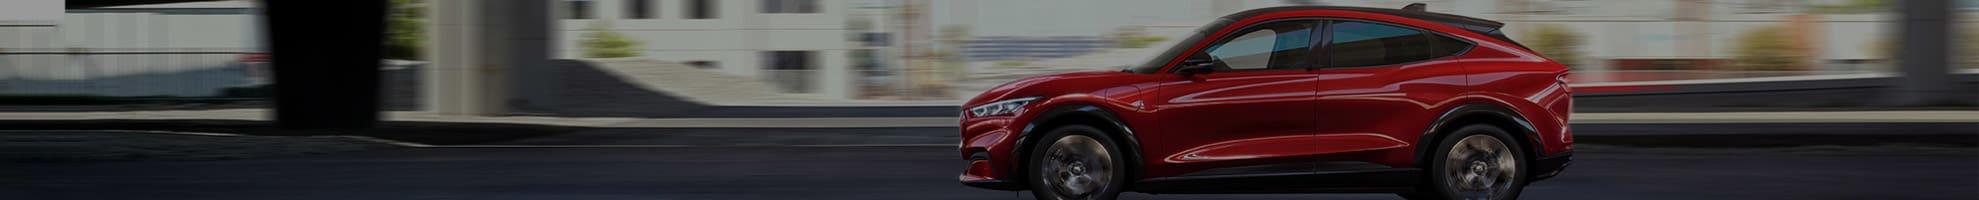 Consumer Reports: 2019 LA Auto Show